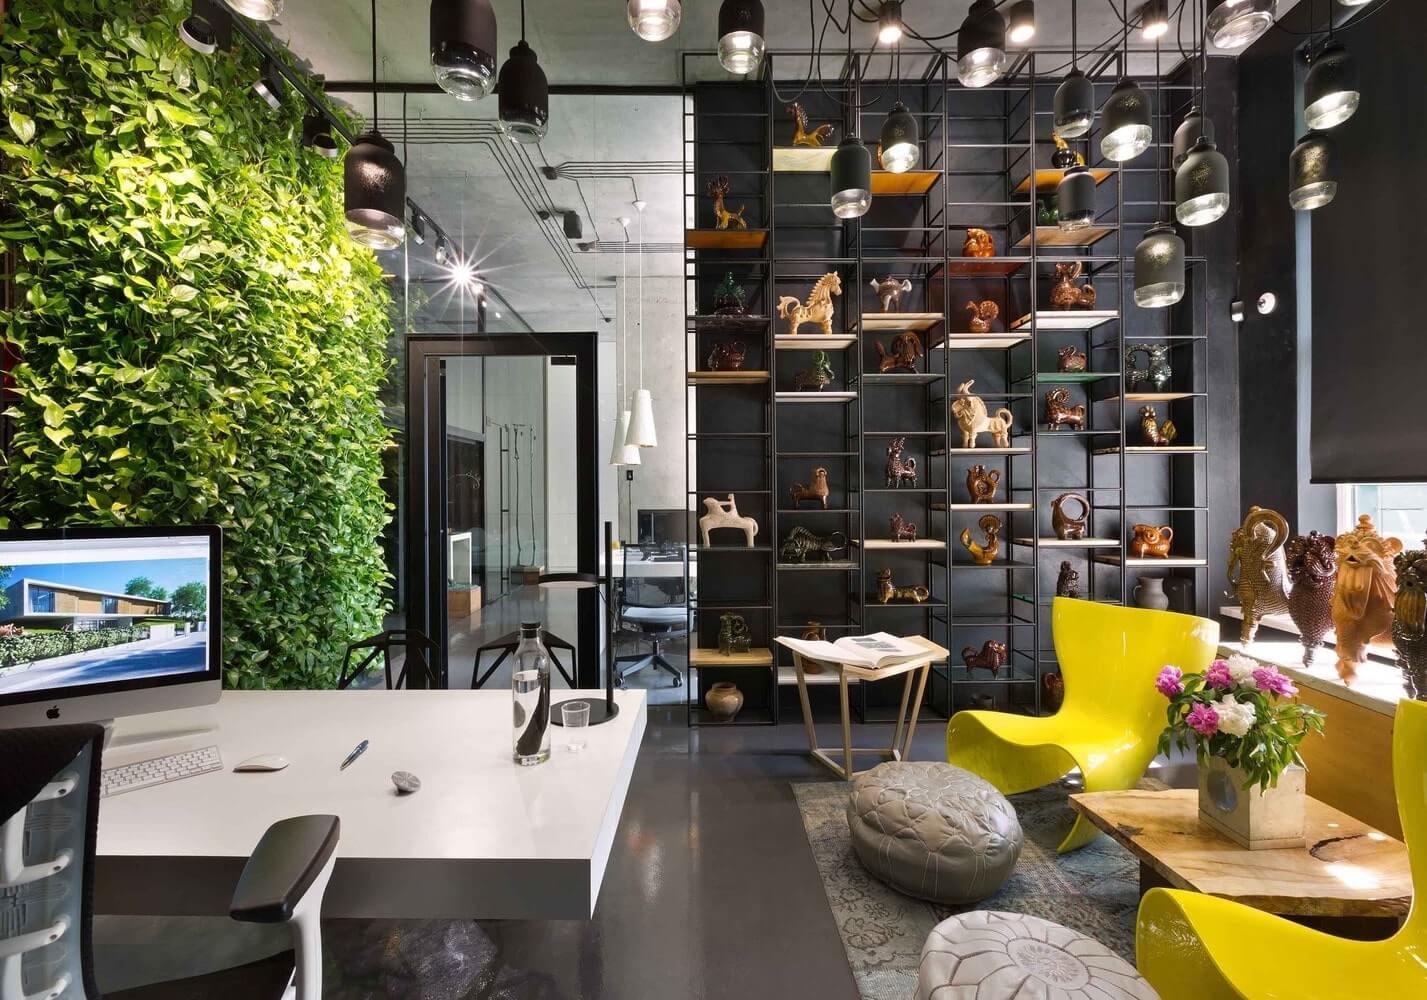 xu hướng thiết kế văn phòng cho công ty